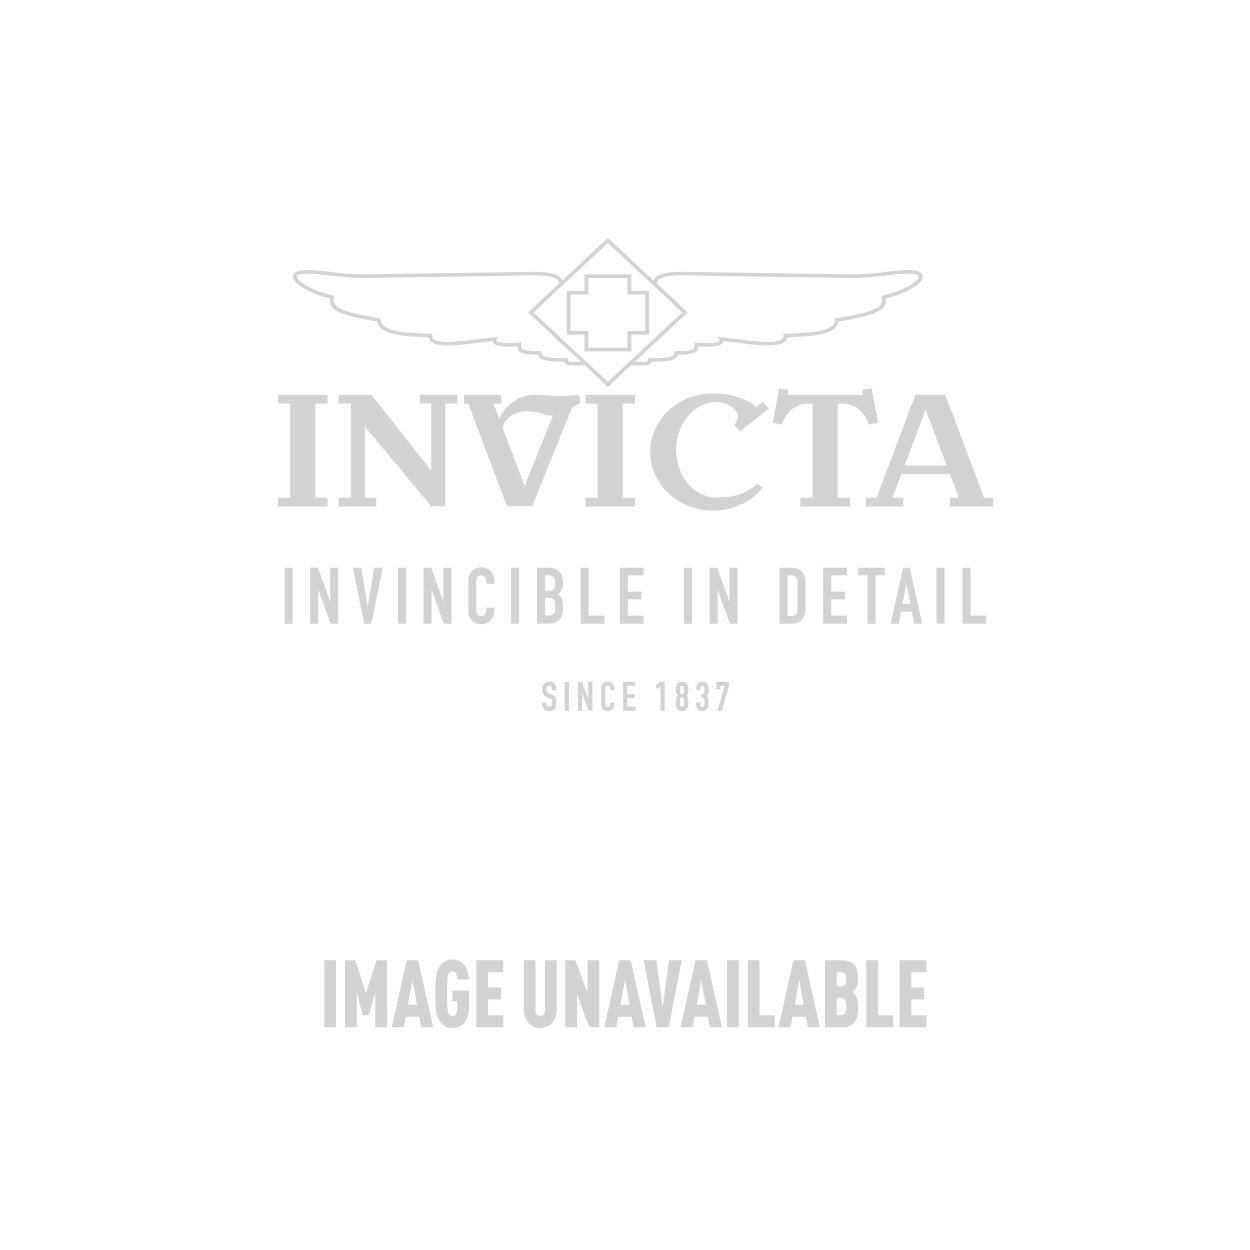 Invicta Model 28806